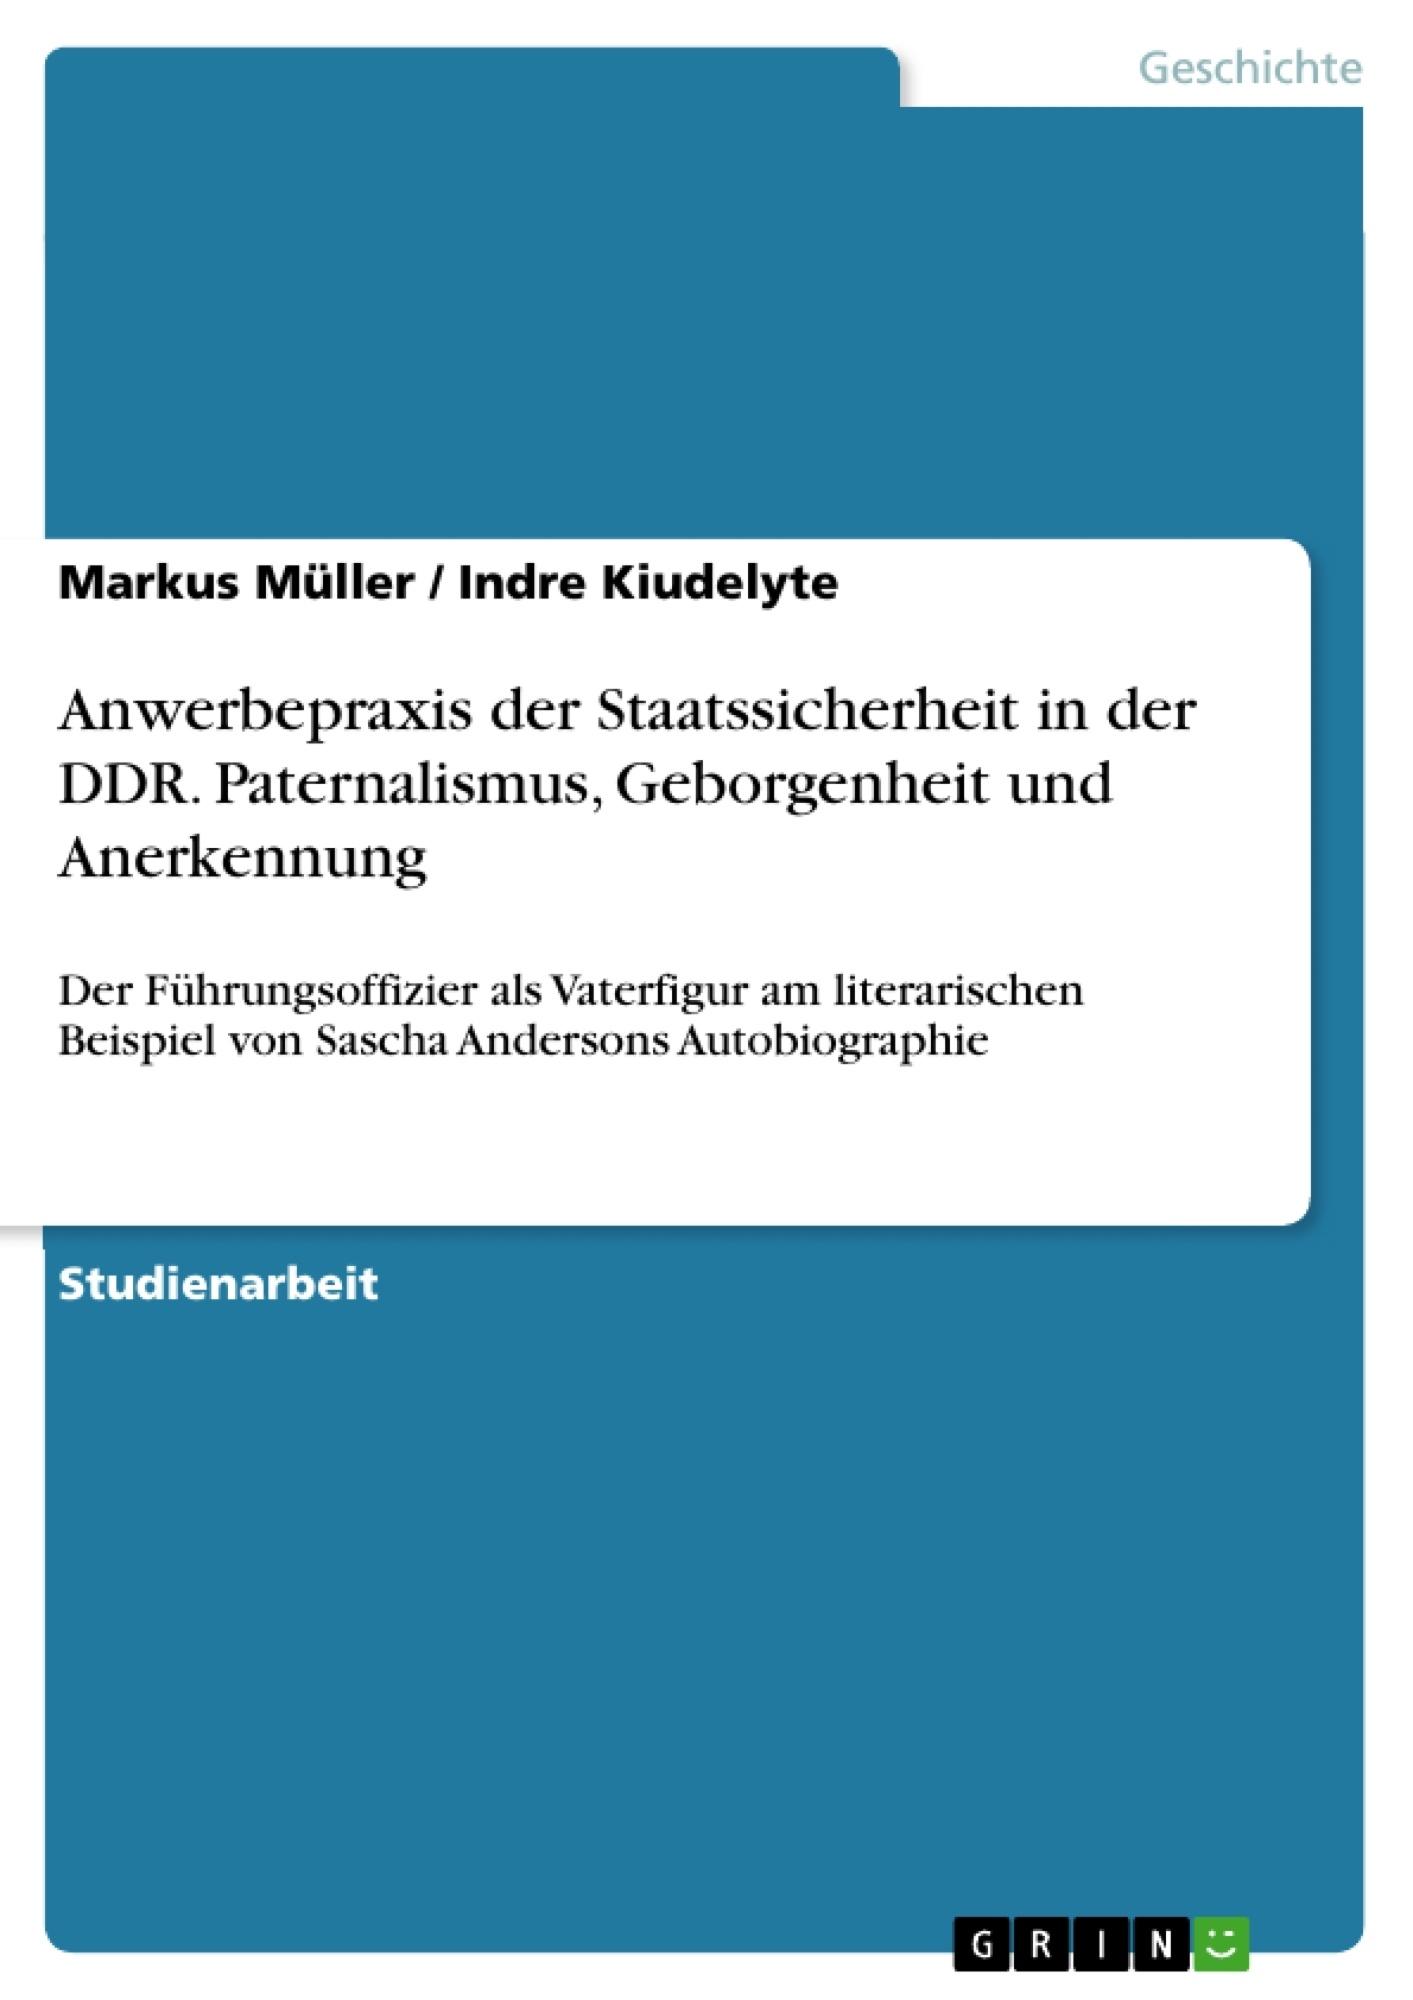 Titel: Anwerbepraxis der Staatssicherheit in der DDR. Paternalismus, Geborgenheit und Anerkennung